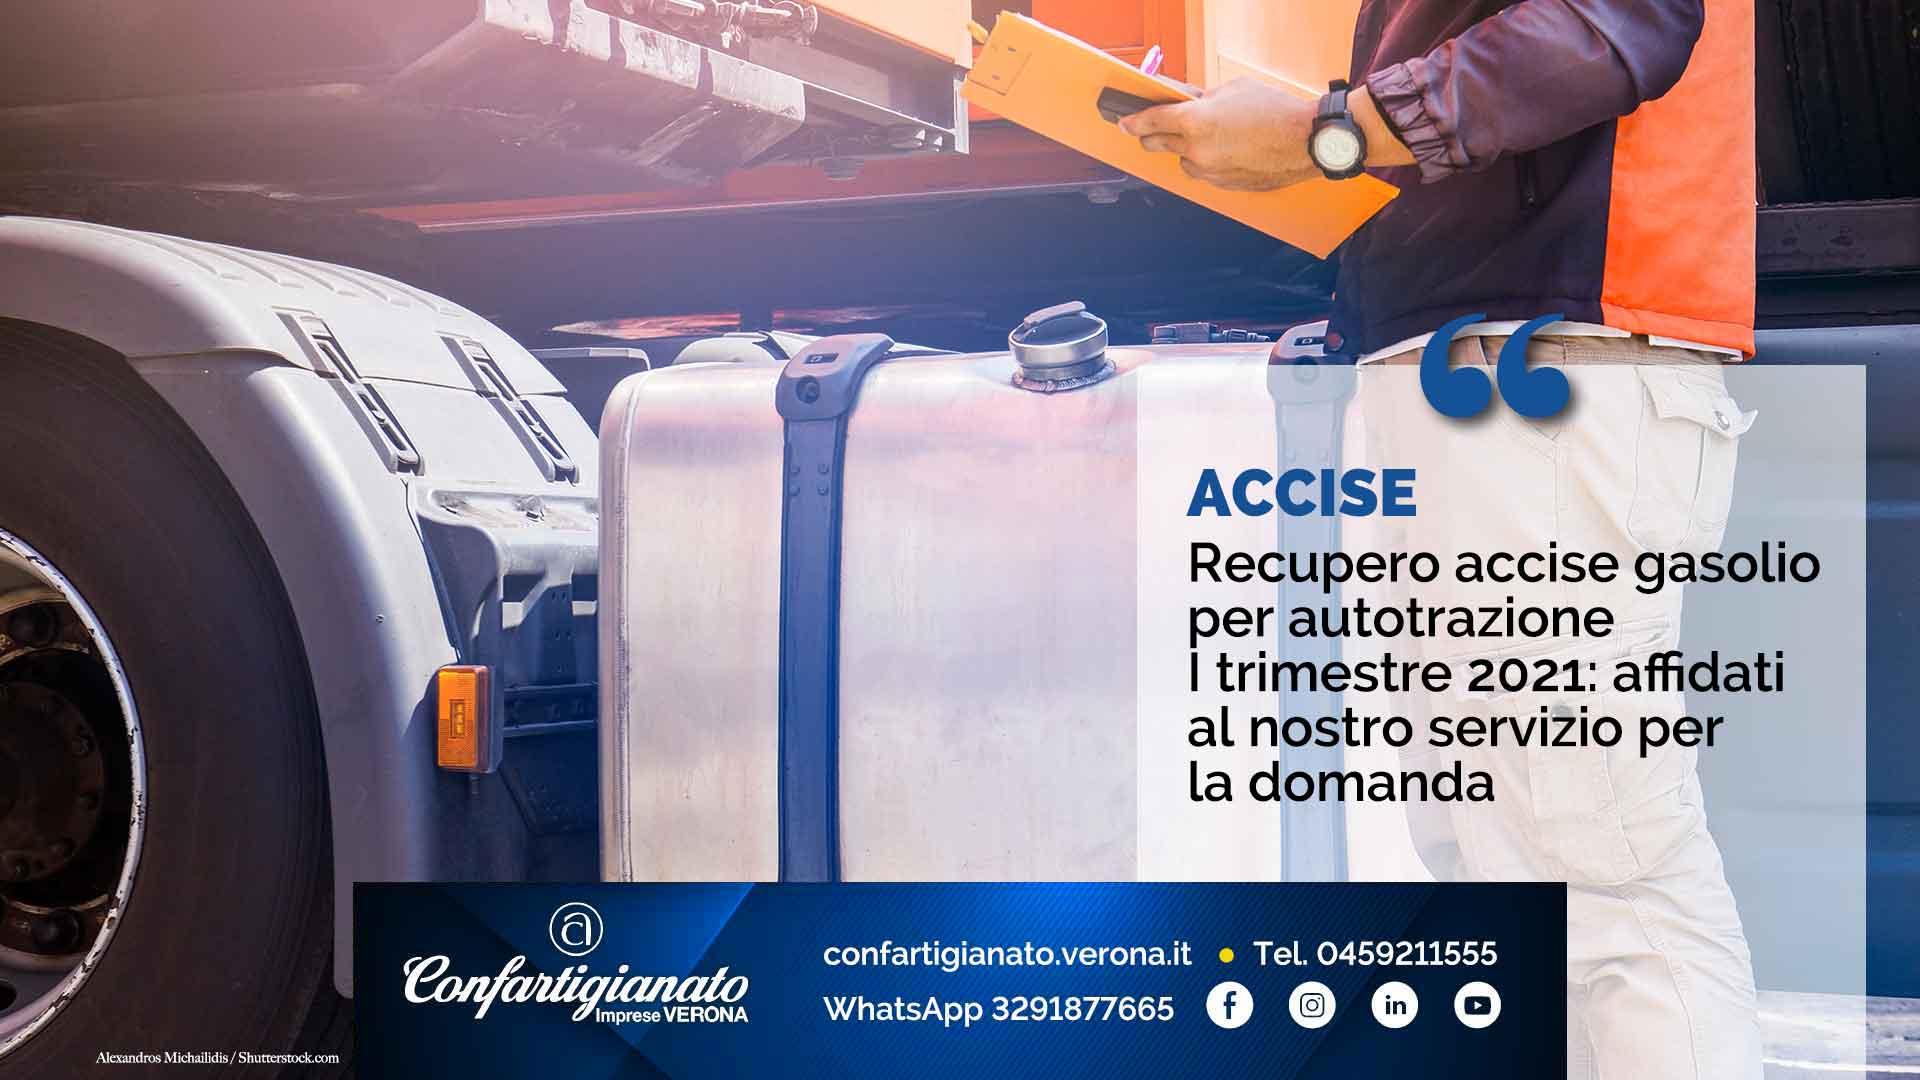 ACCISE – Recupero accise gasolio per autotrazione I trimestre 2021: affidati al nostro servizio per la domanda